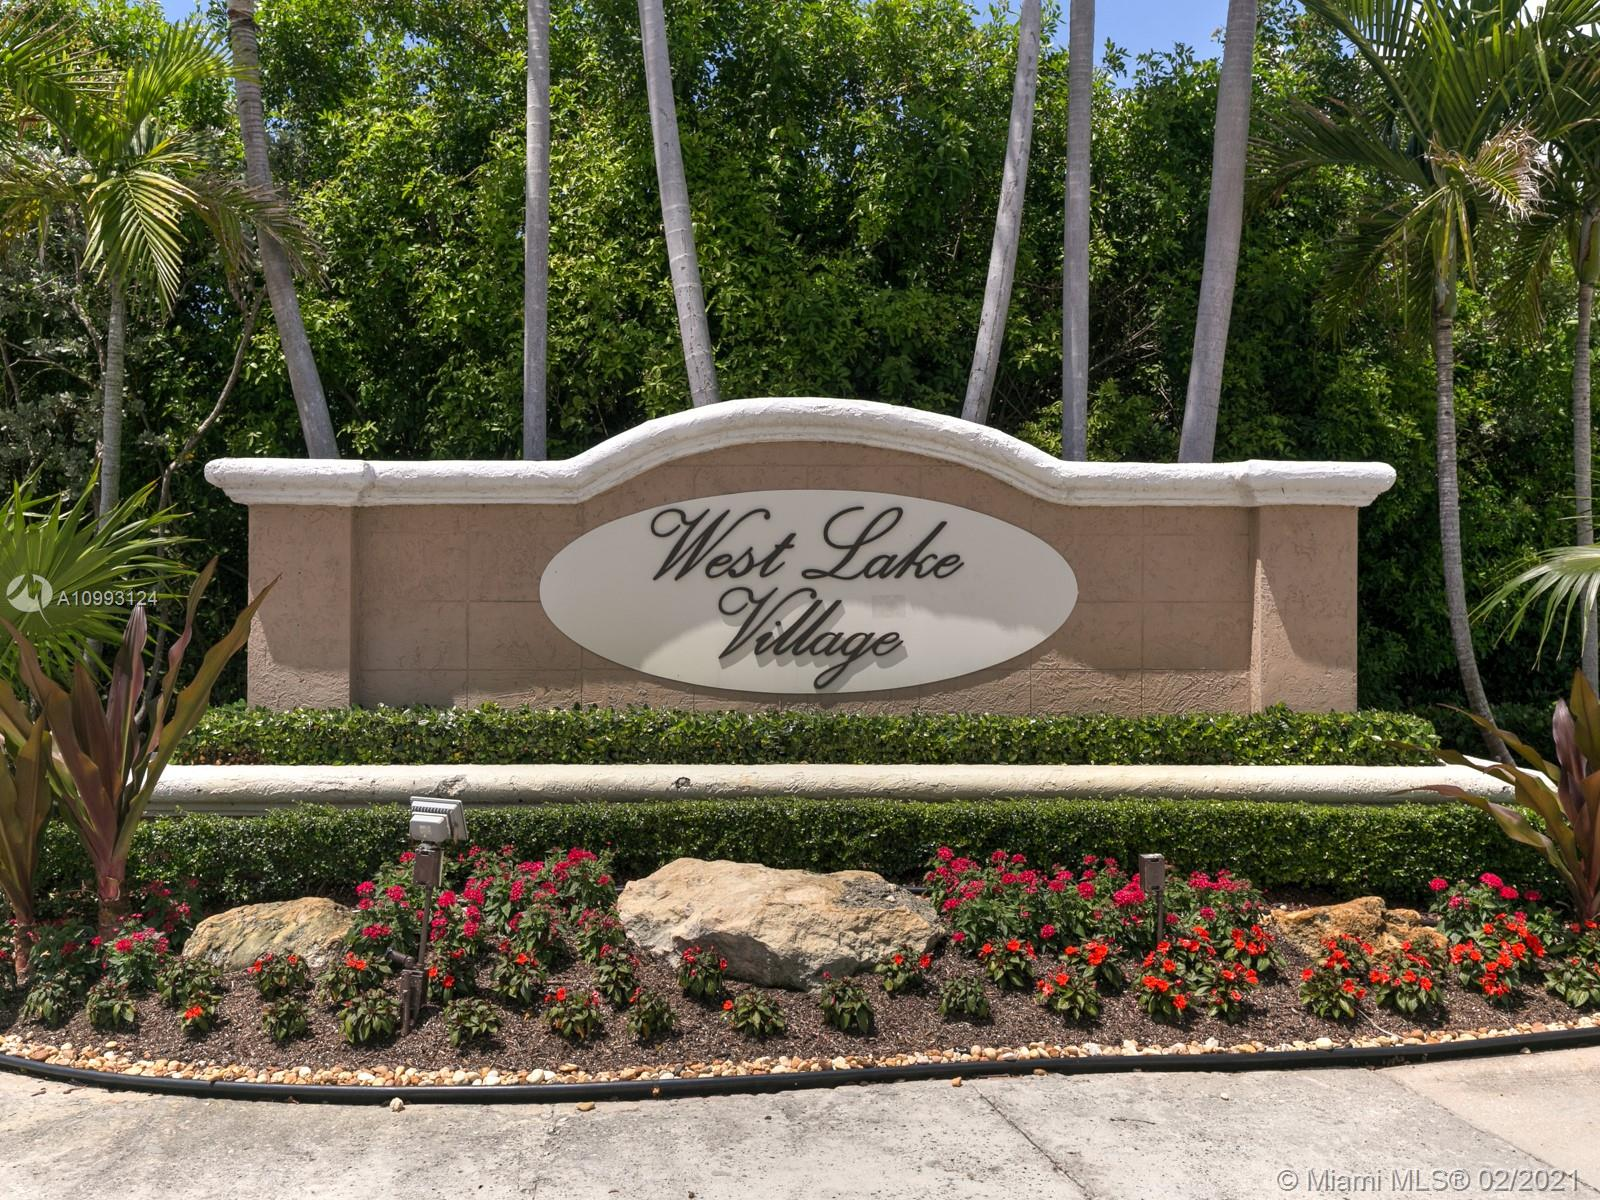 West Lake Village, 1125 Lemonwood St, Hollywood, Florida 33019